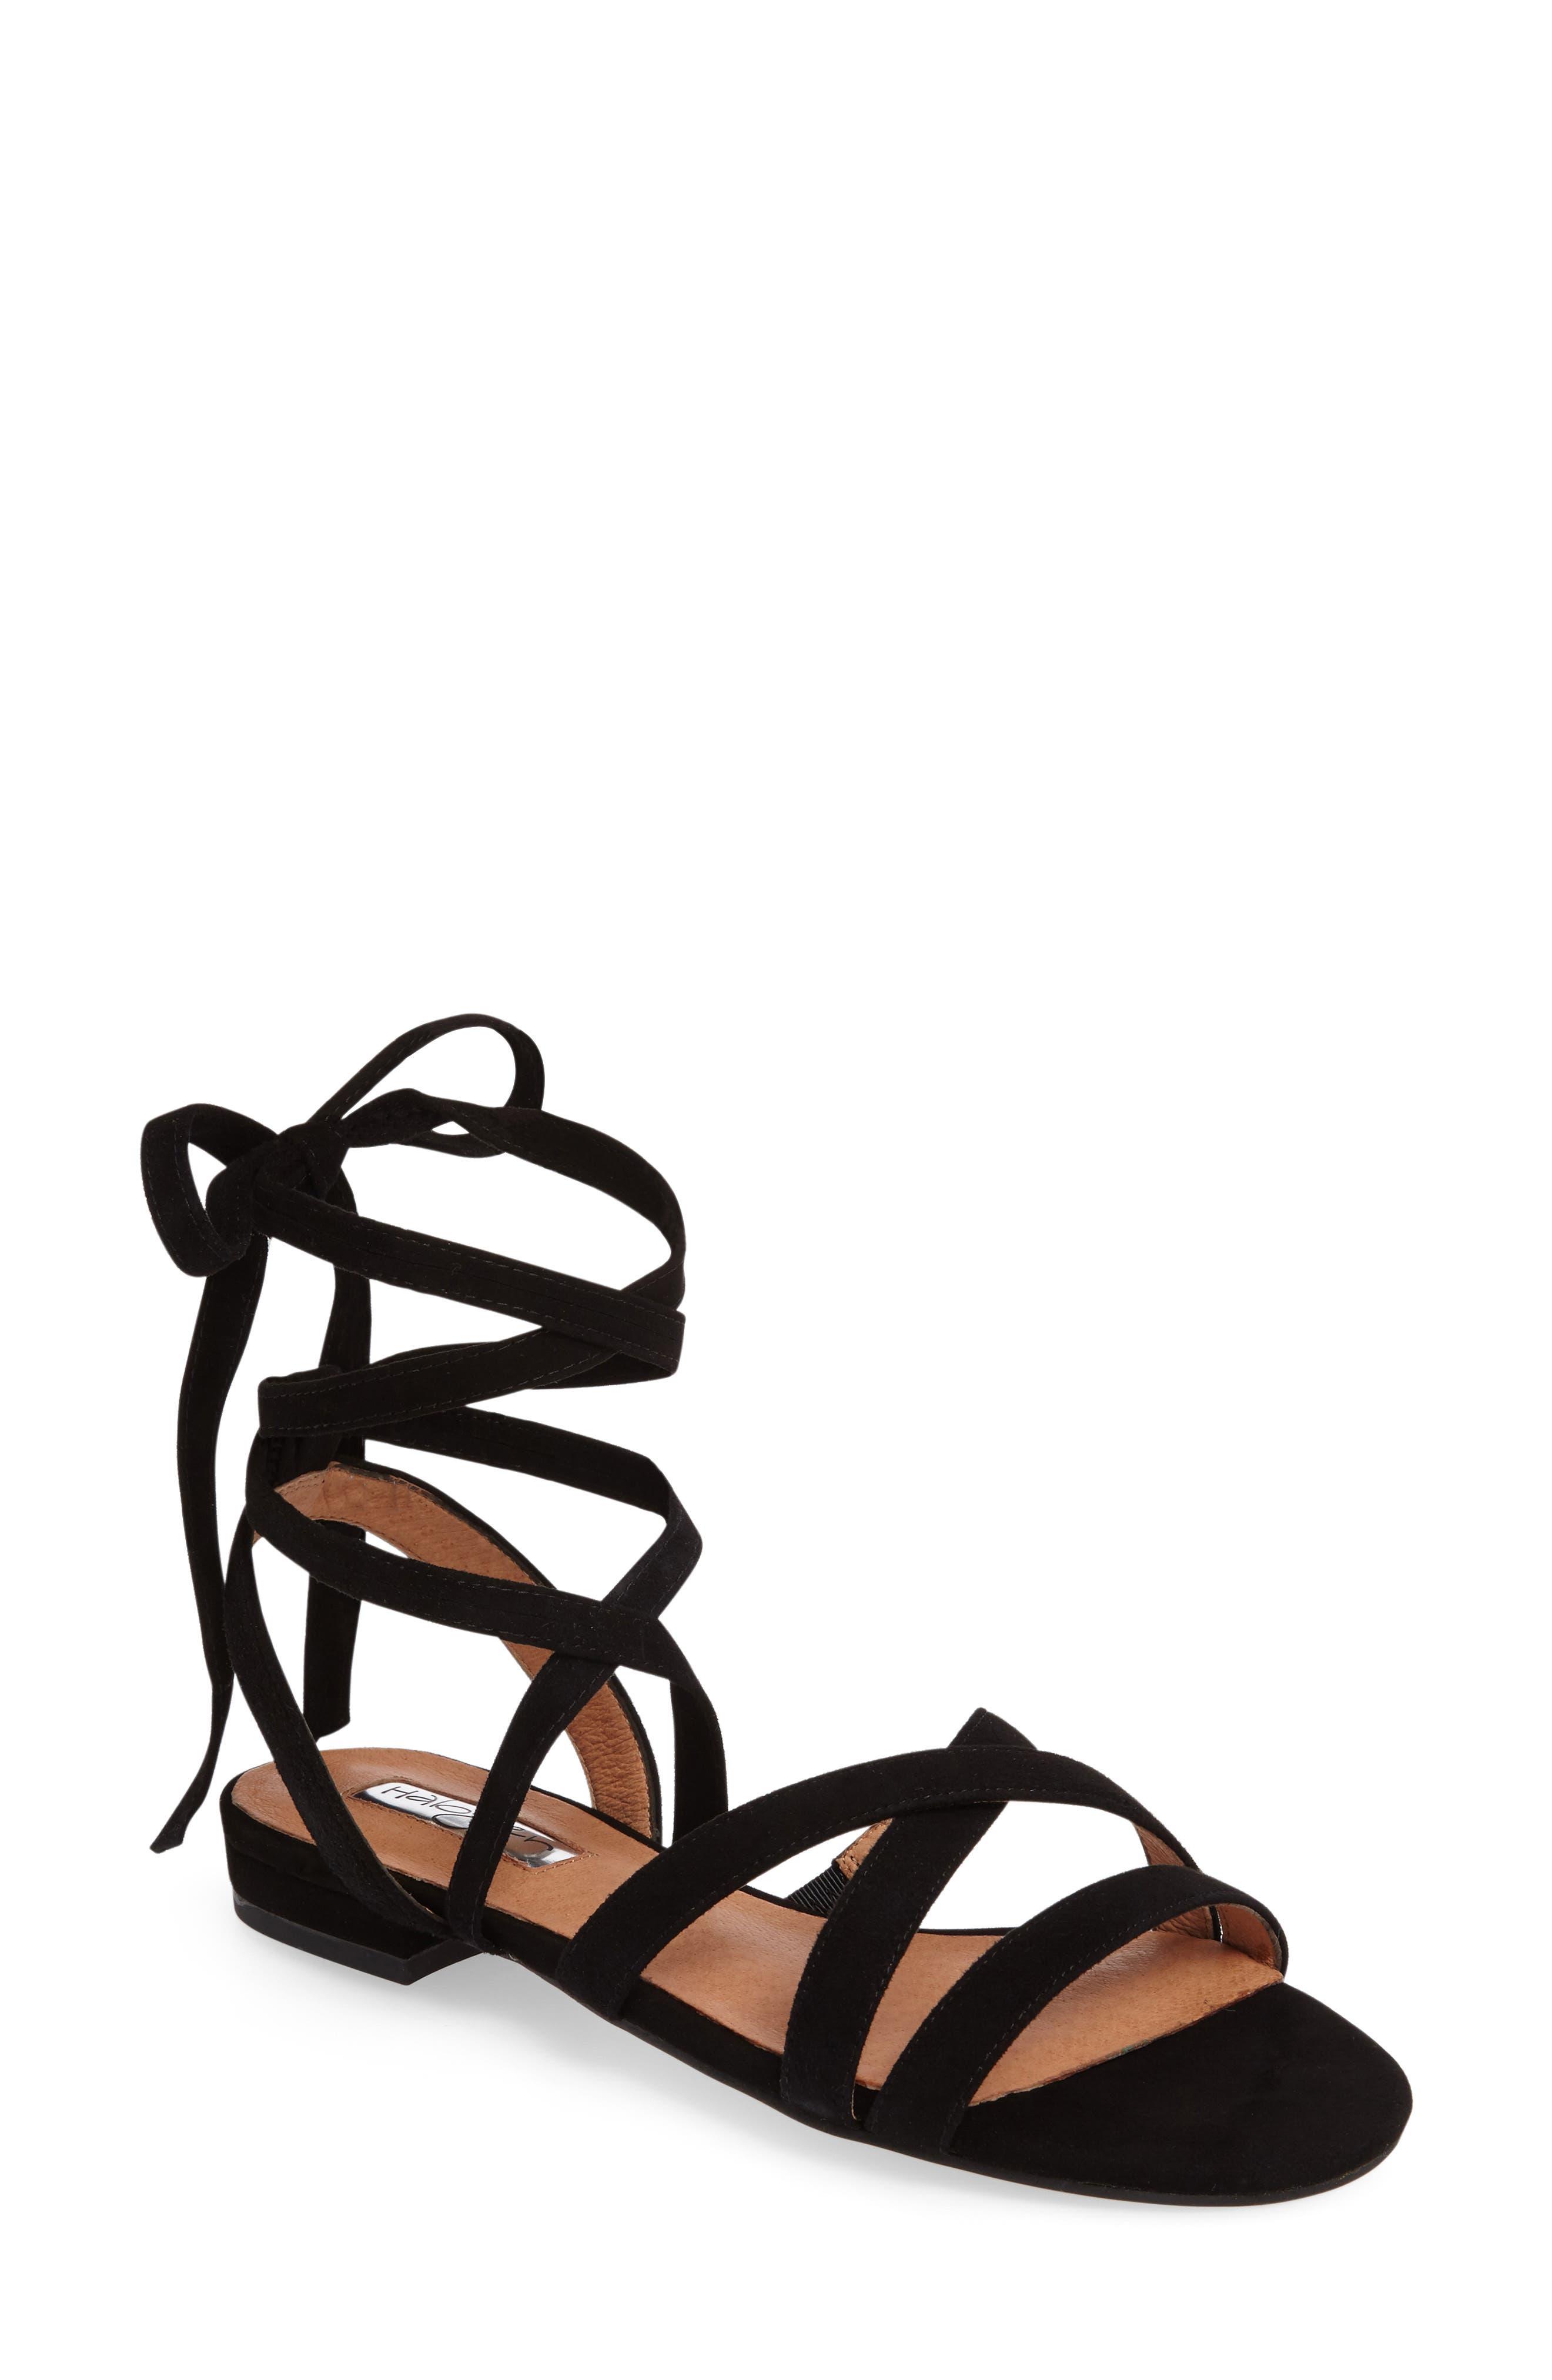 Frances Ankle Wrap Sandal,                             Main thumbnail 1, color,                             001